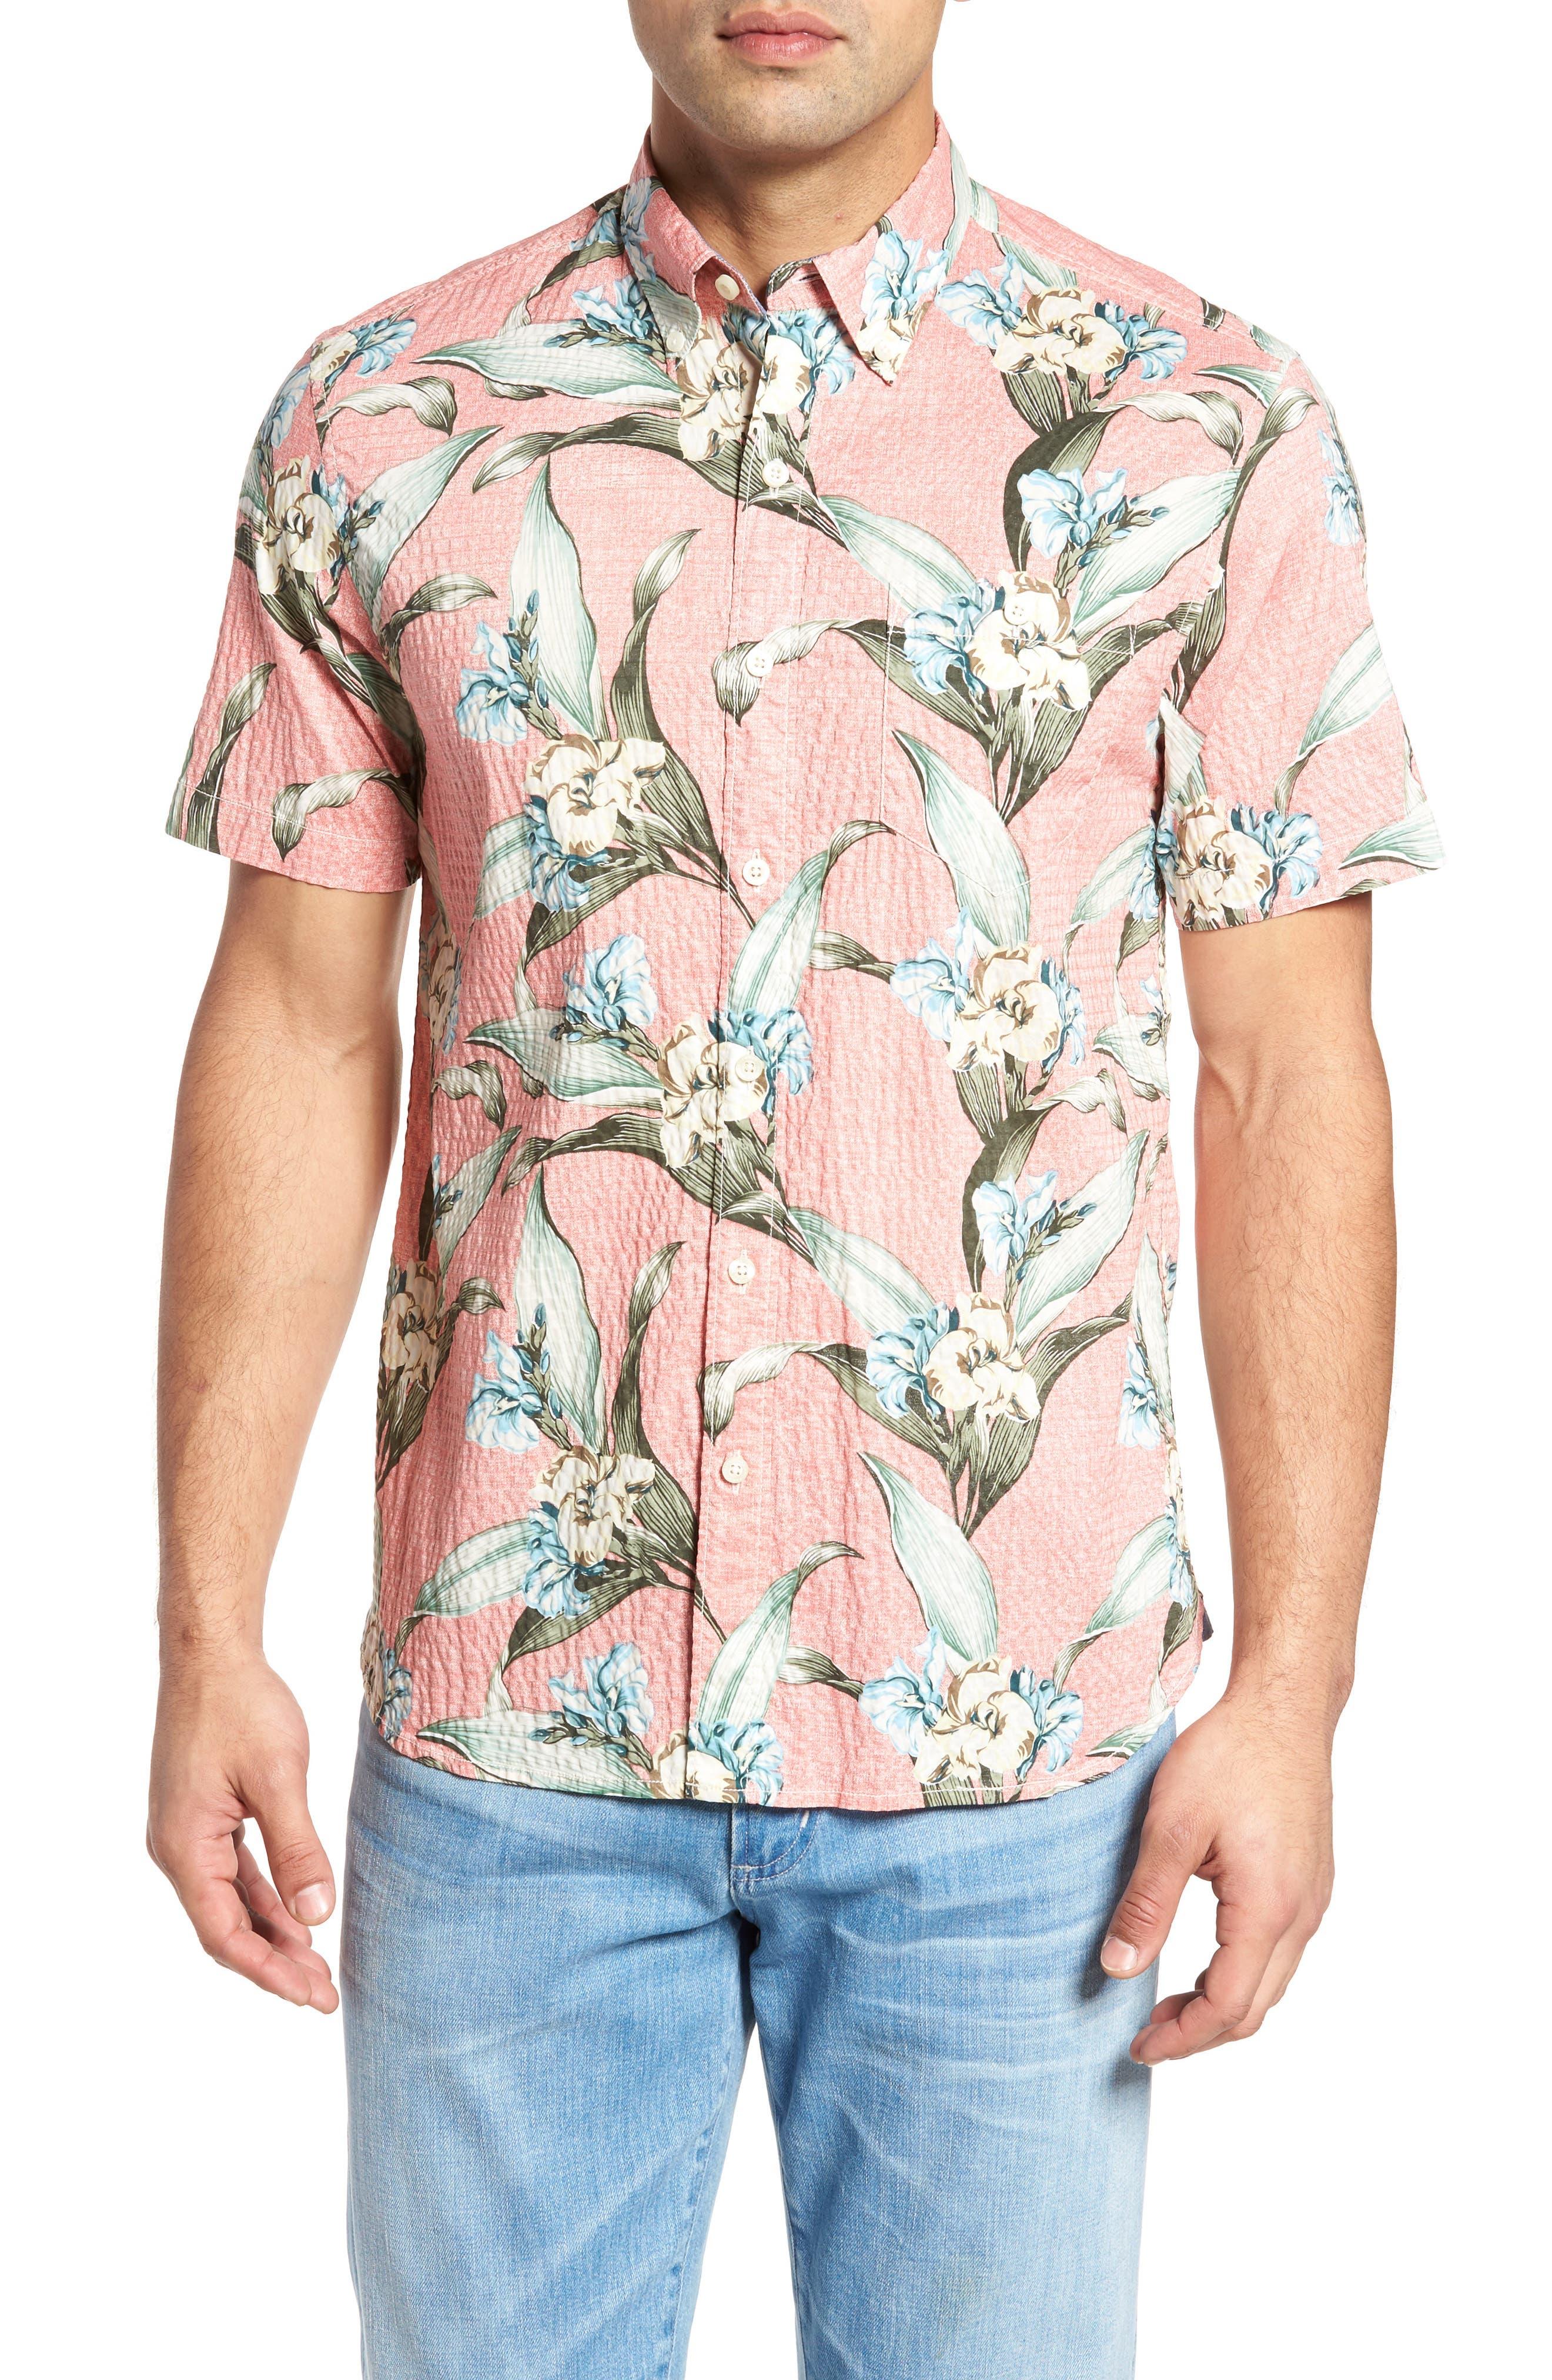 Cape Floral Seersucker Sport Shirt,                             Main thumbnail 1, color,                             Shellrossa